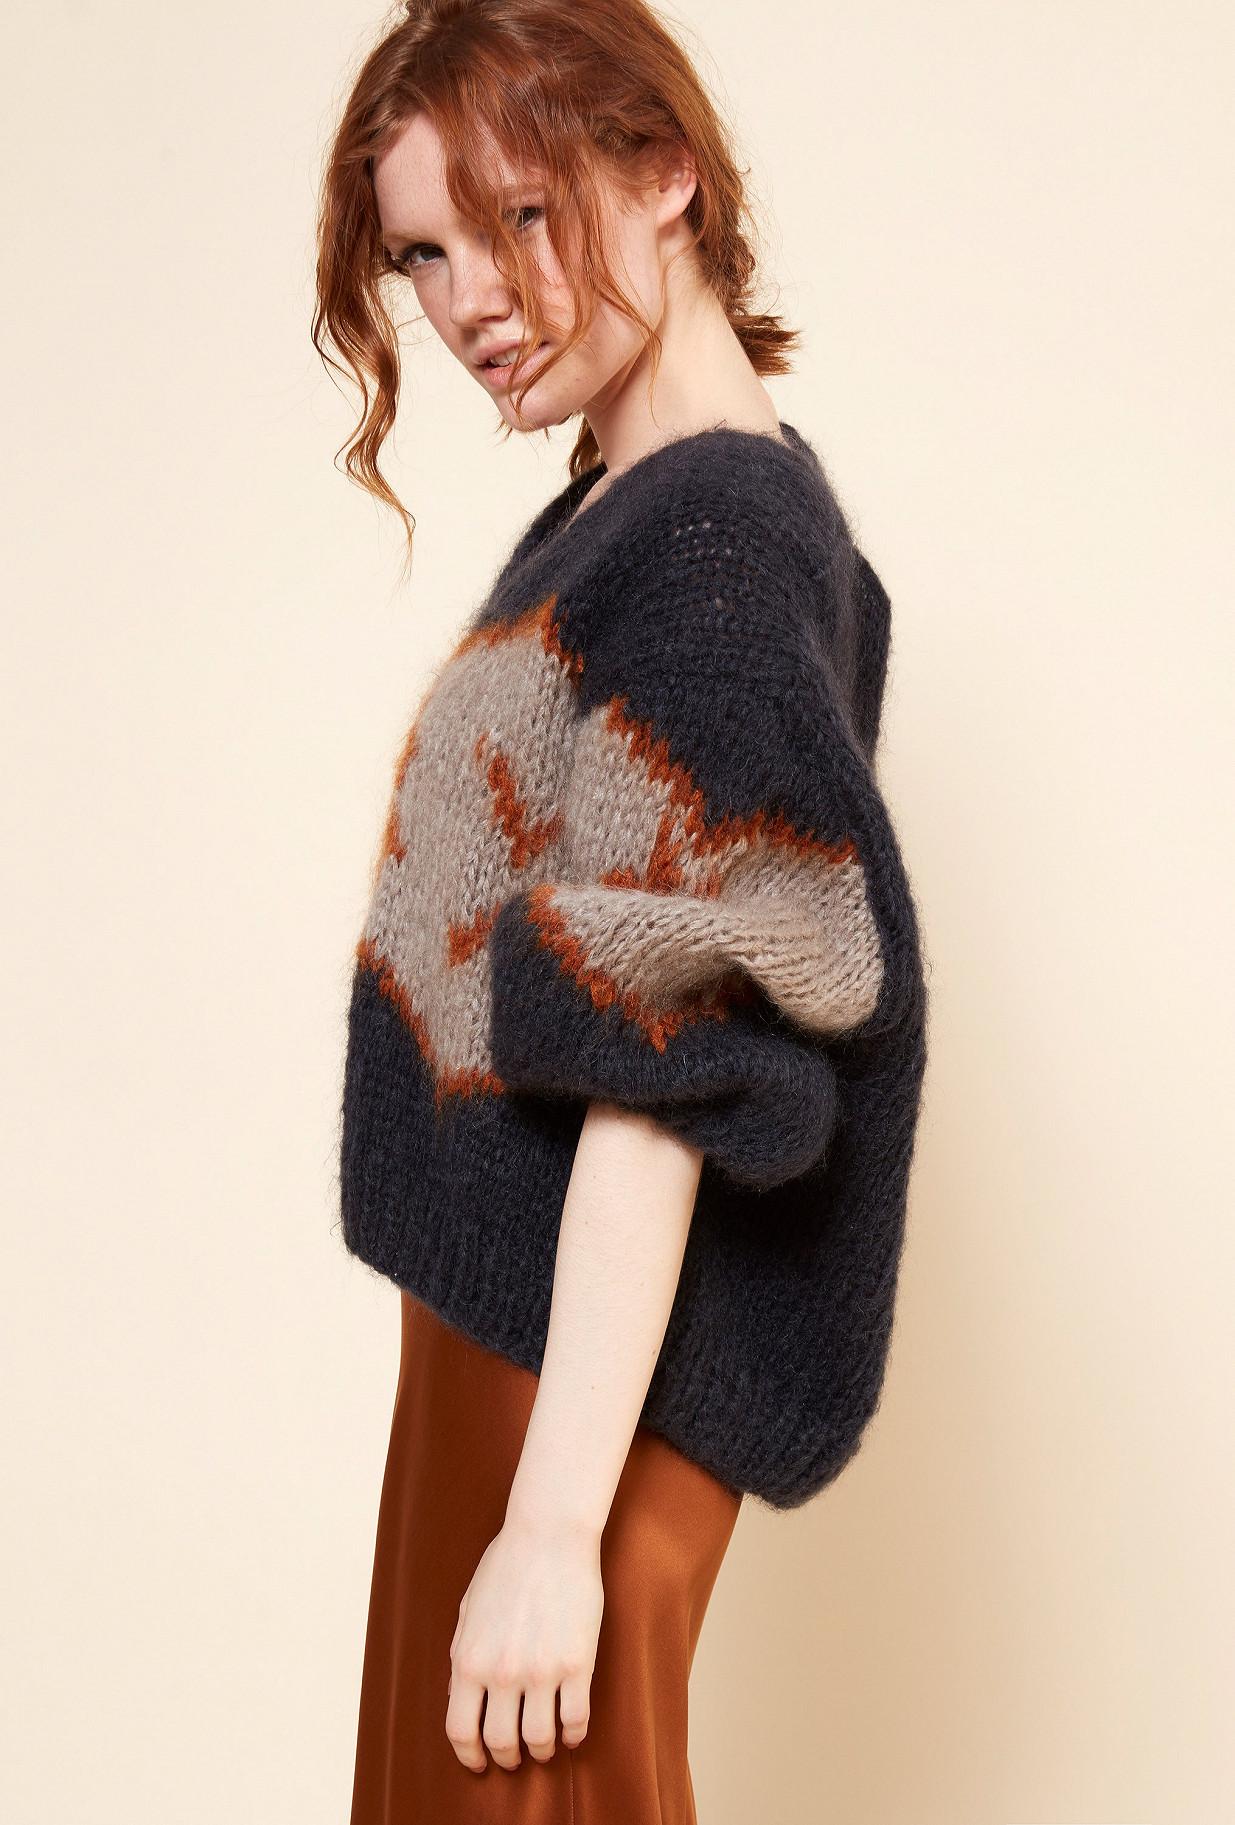 Paris boutique de mode vêtement Maille créateur bohème  Sigmund